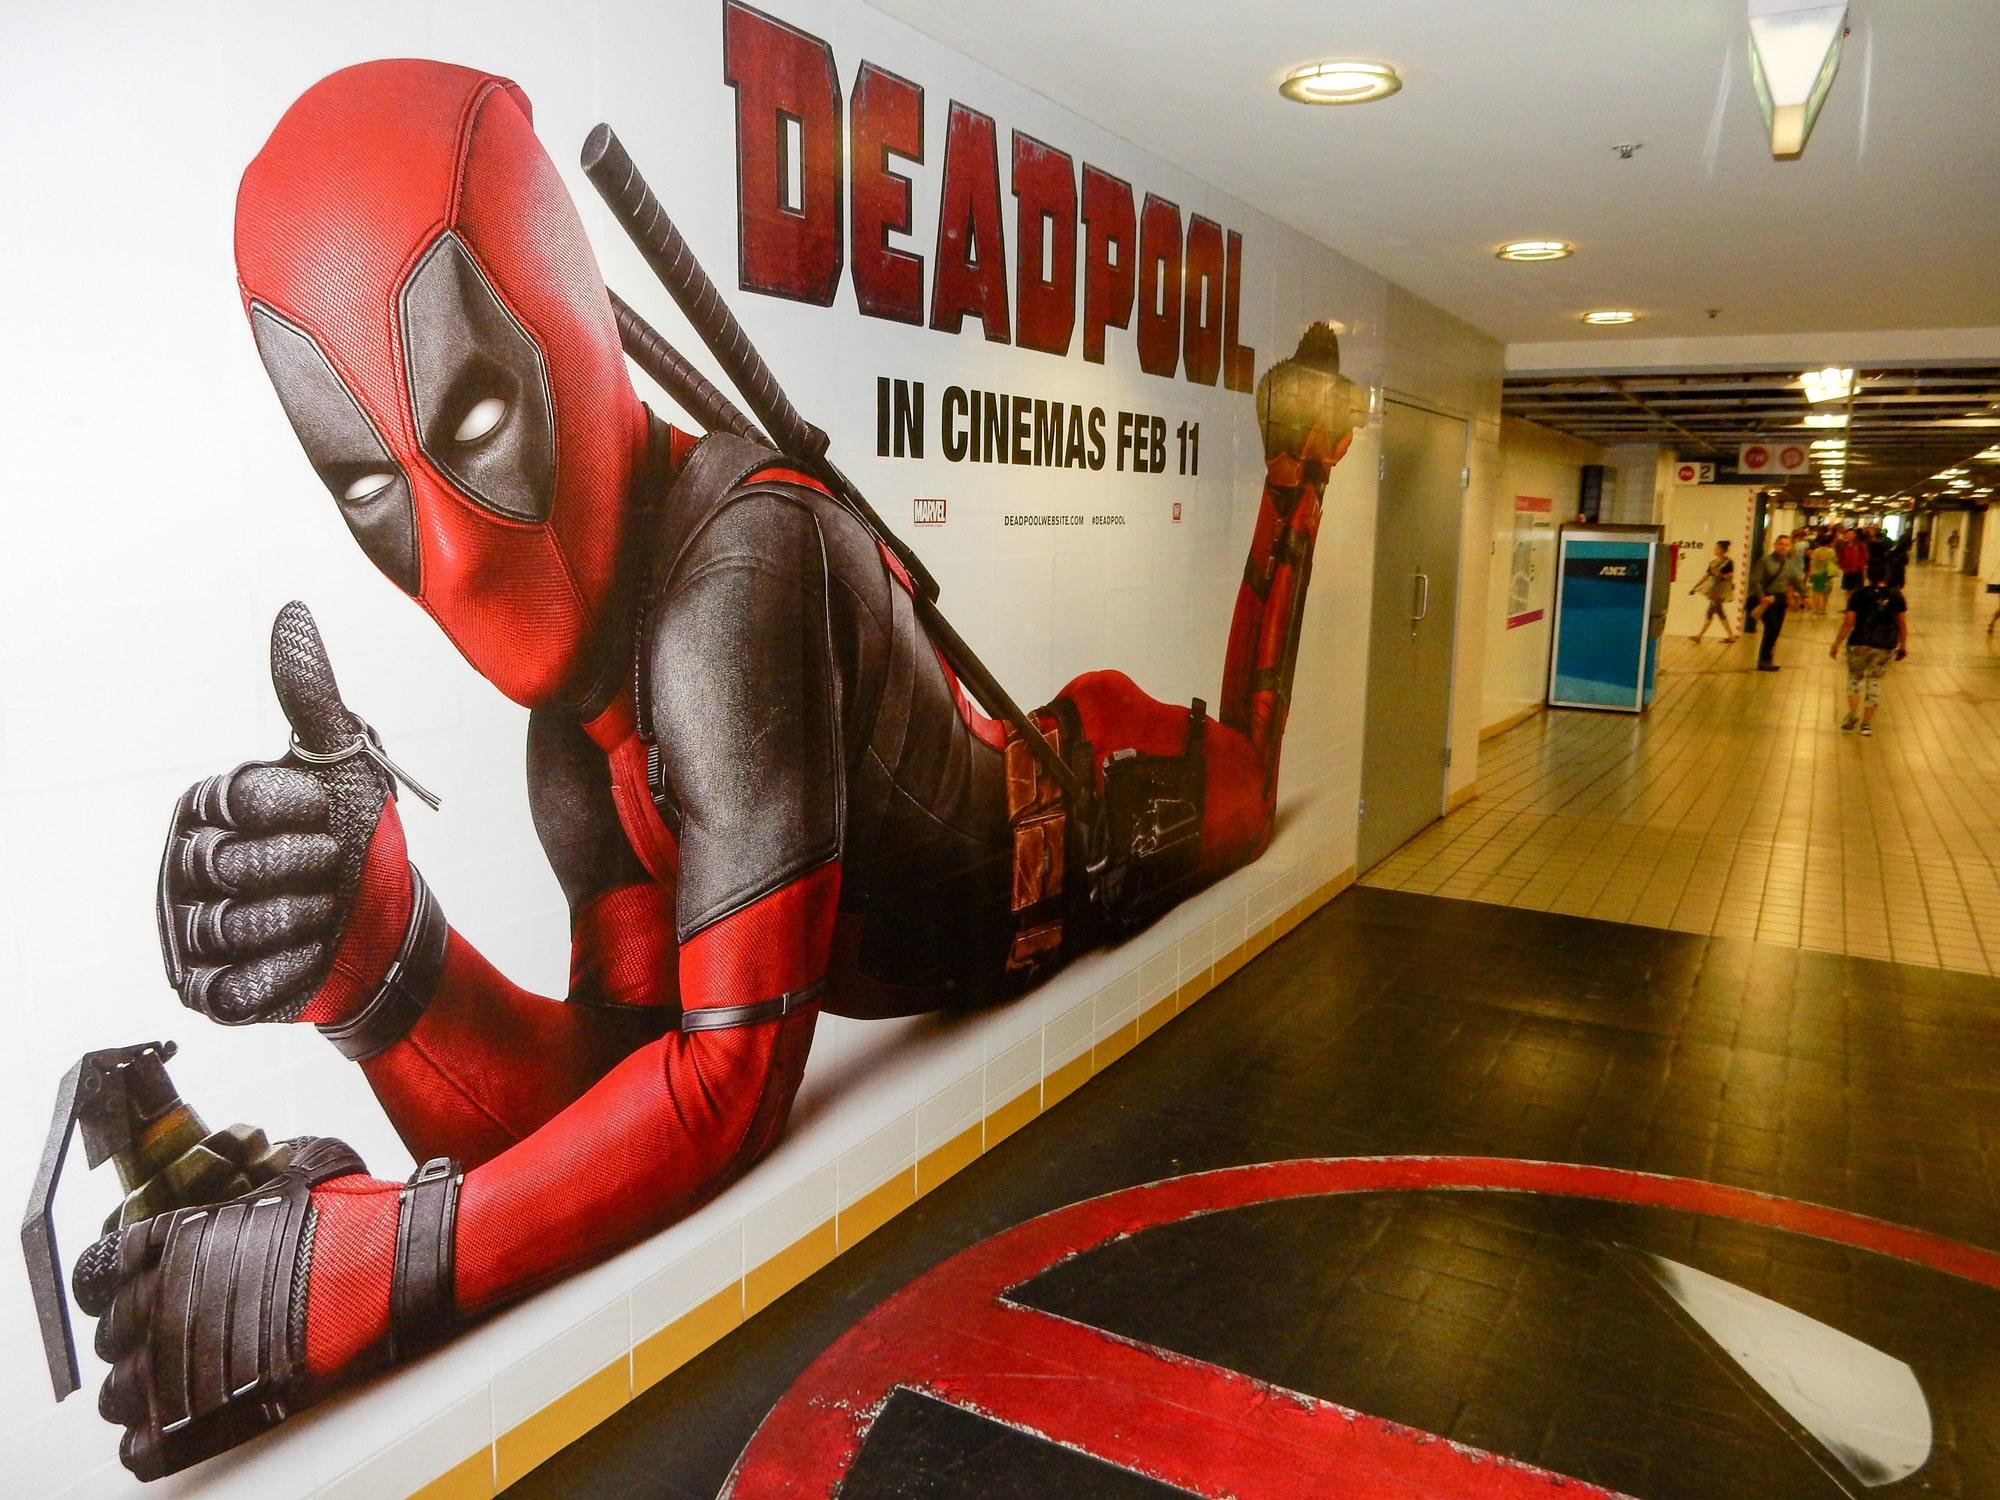 Кевин Файги заявил, что «Дэдпул» будет единственным проектом Marvel с рейтингом R